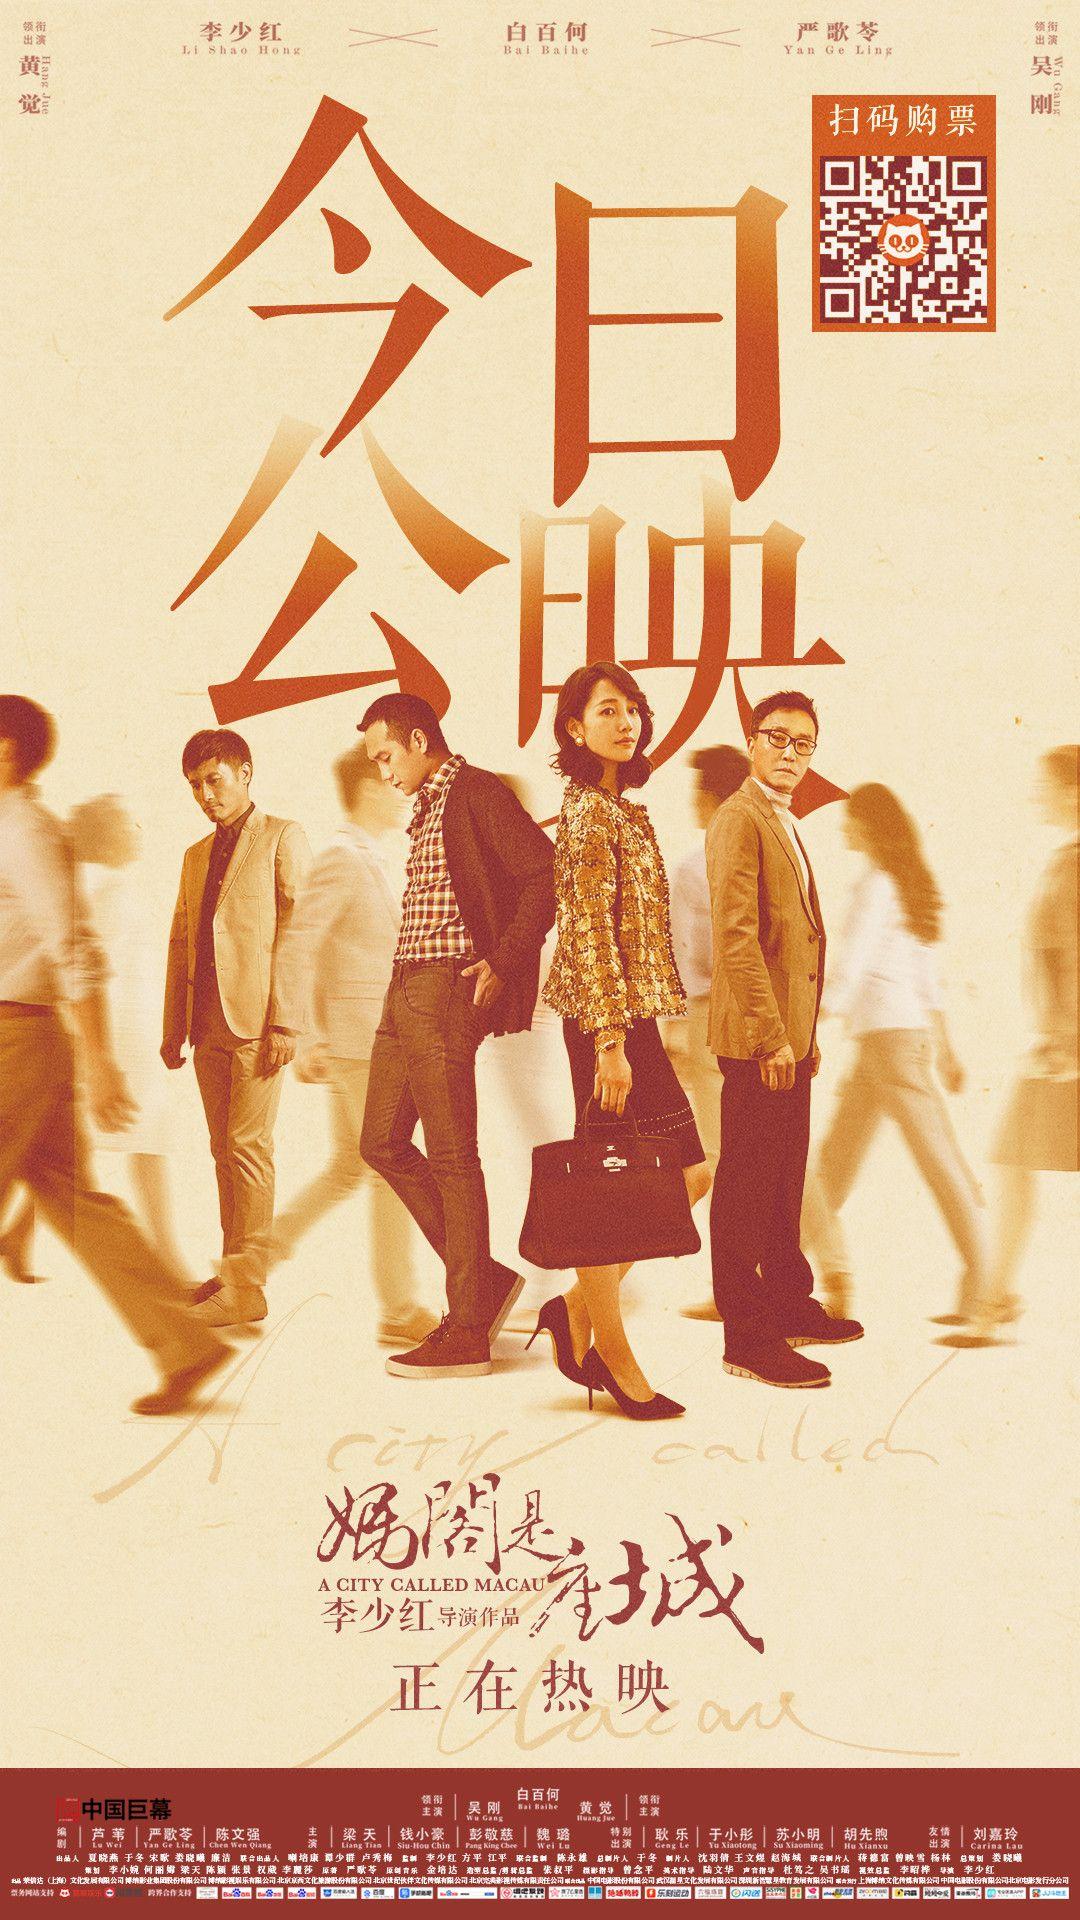 李少红《妈阁是座城》今日公映,女性视角揭露